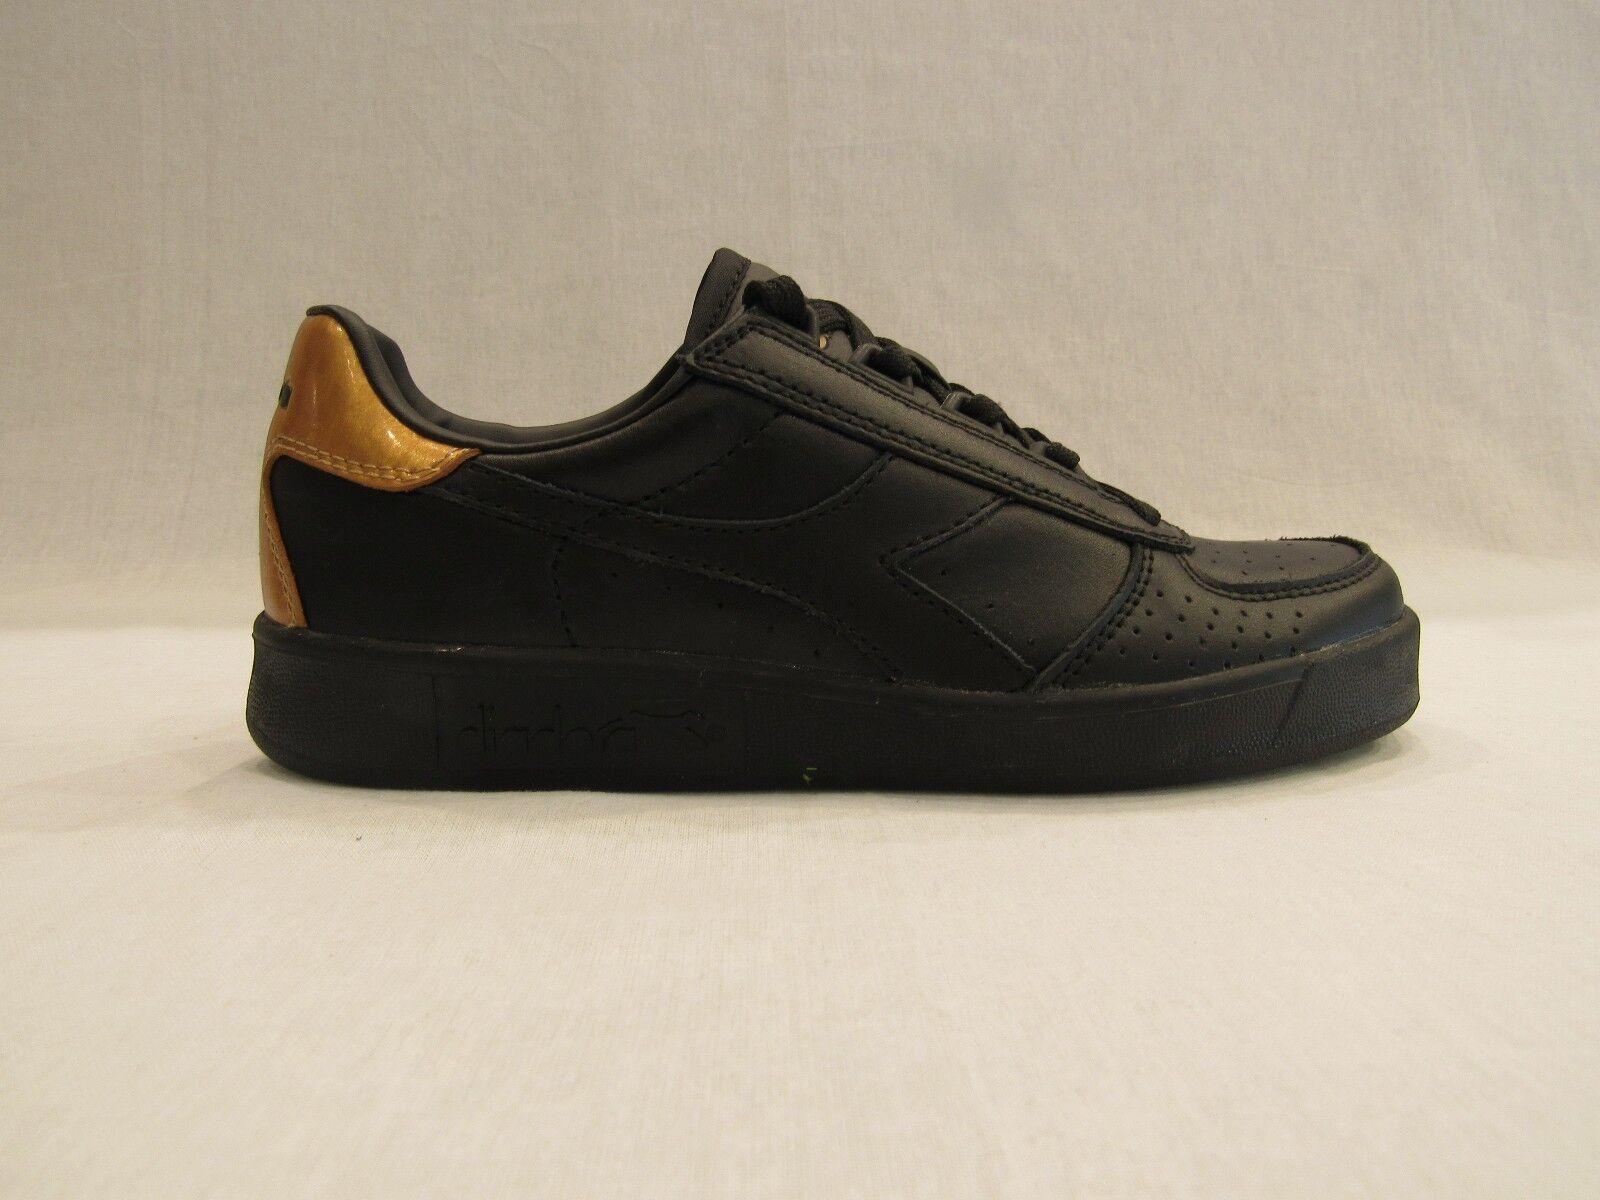 DIADORA B.ELITE W 172490 80013 scarpa sneackers donna colore 80013 172490 nero 7ac30f